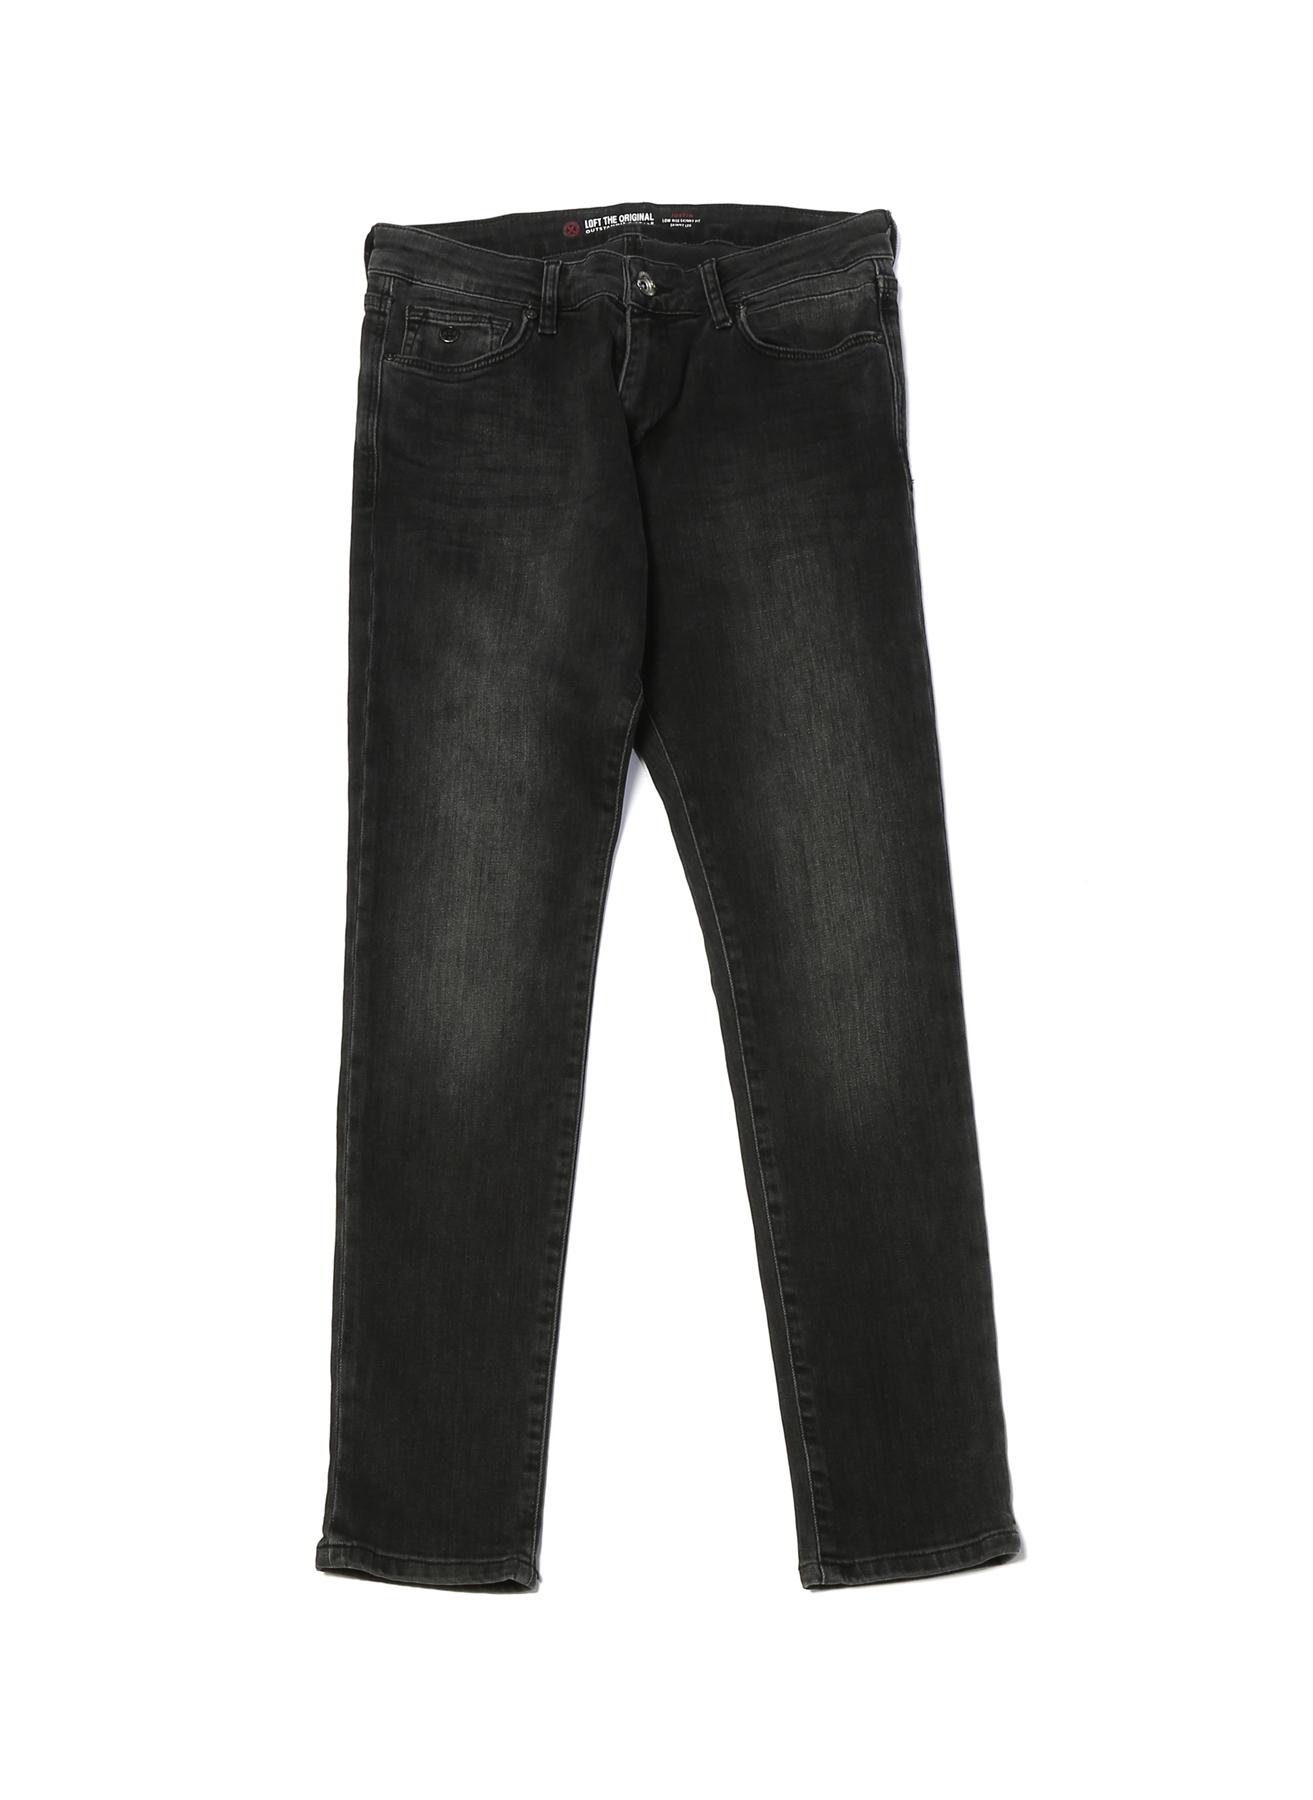 Loft Siyah Klasik Pantolon 31-30 5000202001007 Ürün Resmi